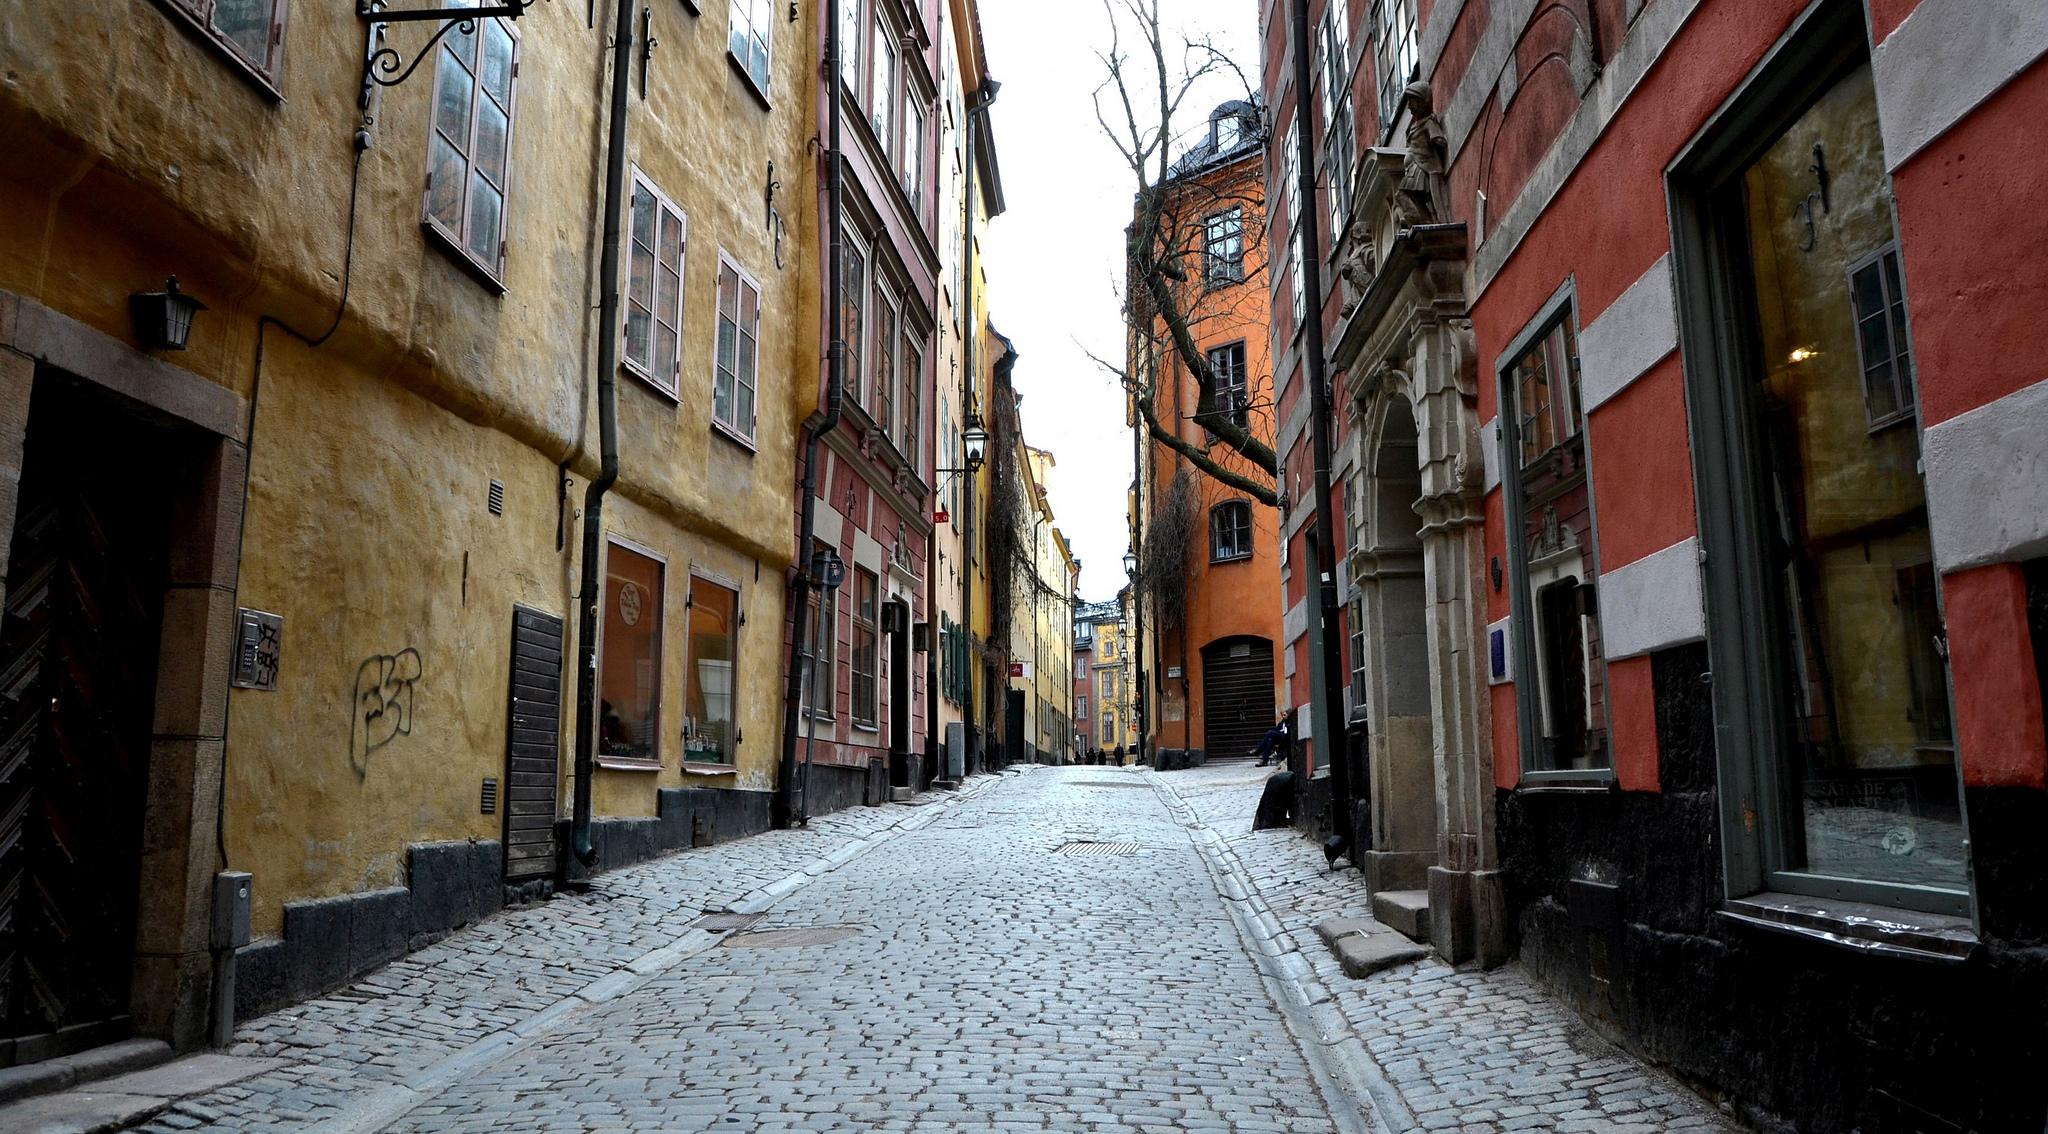 История Стокгольма с размахом - Карлсон, викинги и снег